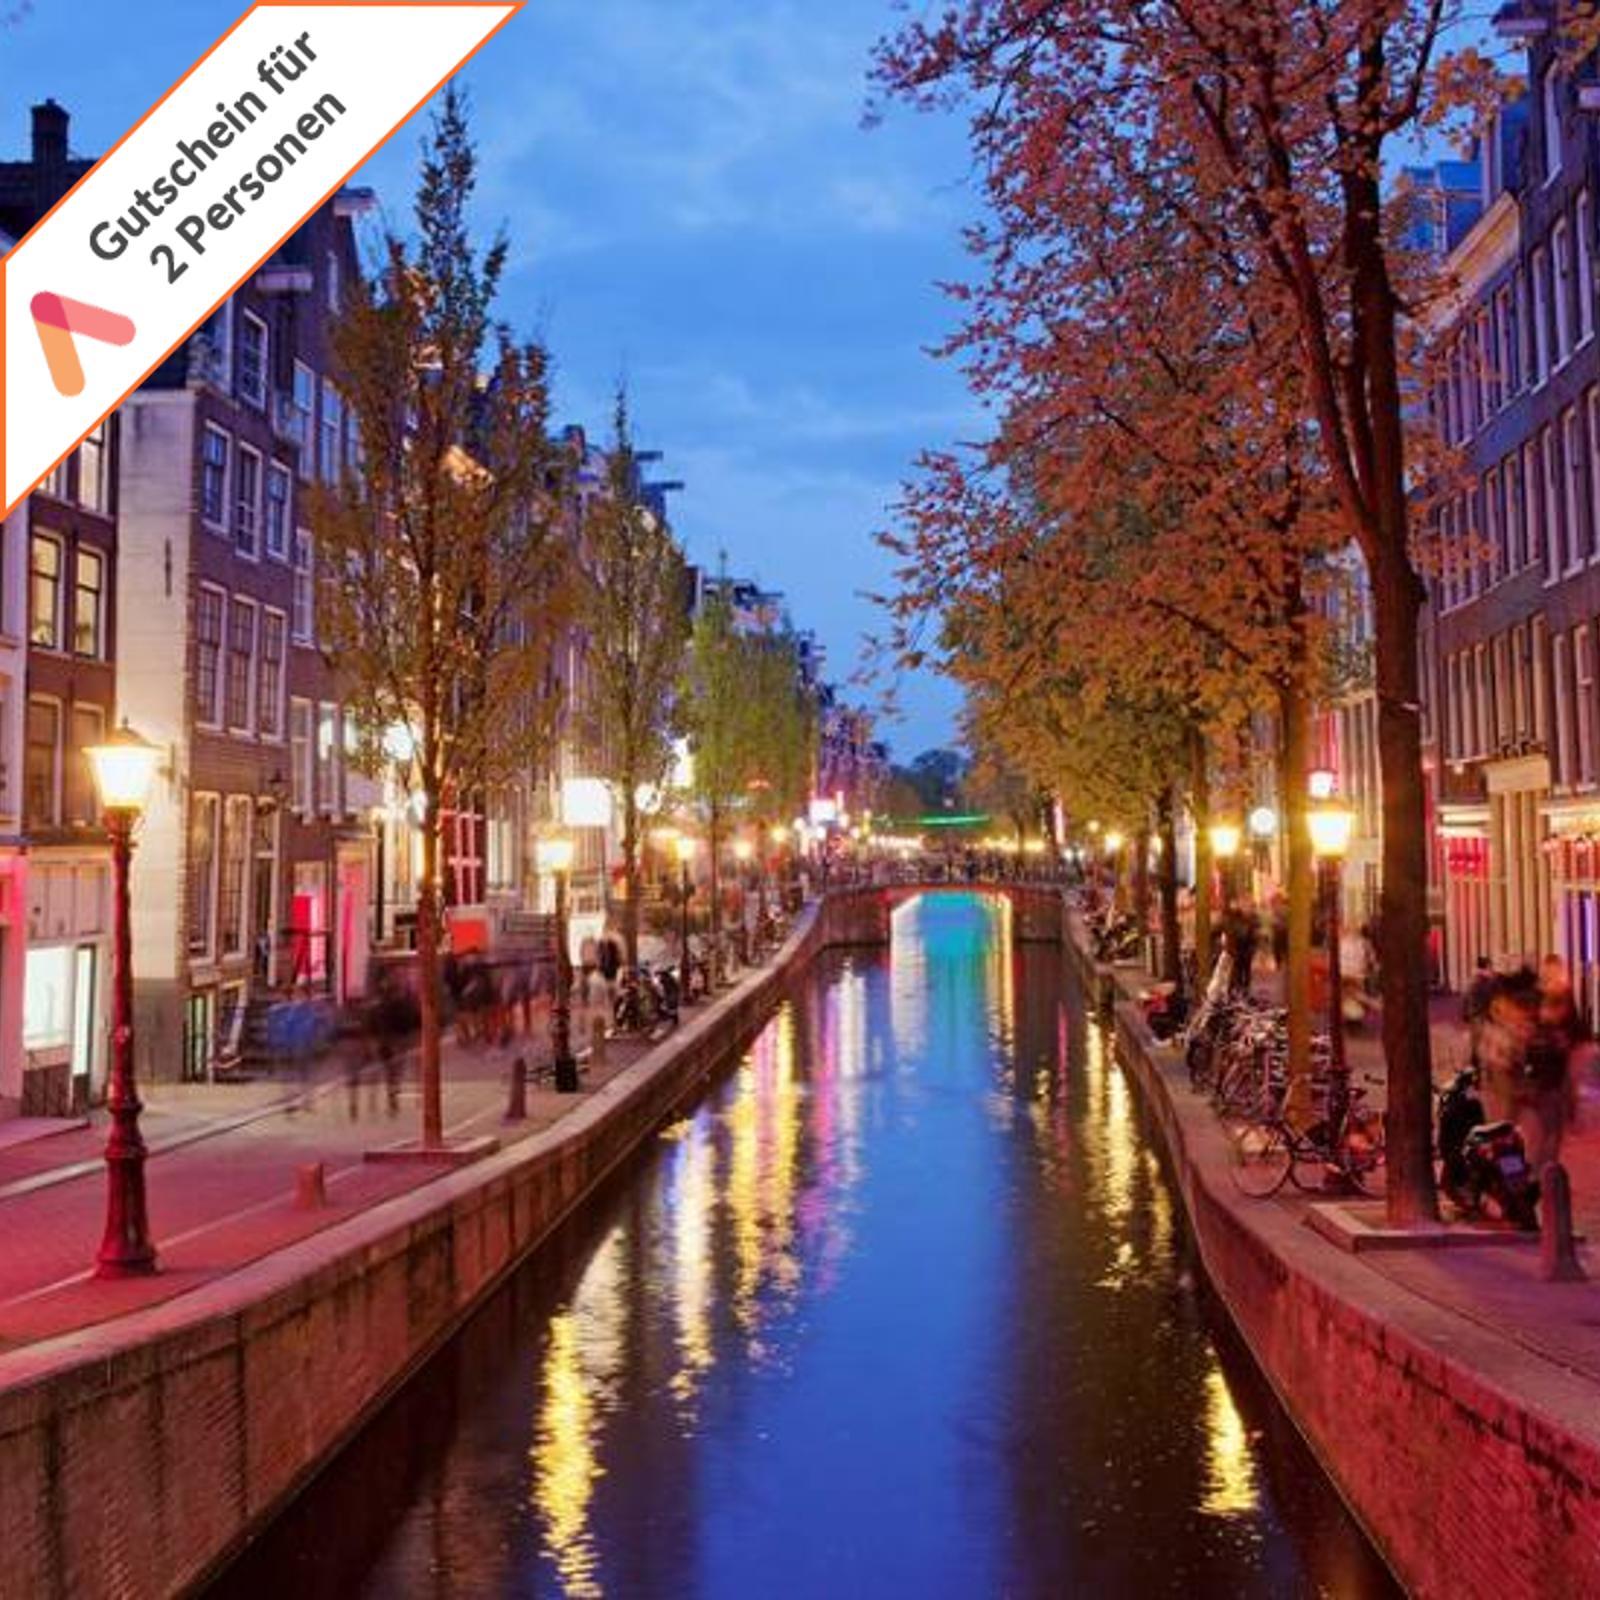 Kurzreise-Amsterdam-3-Tage-fuer-2-Personen-im-Best-Western-Plus-Hotel-Gutschein